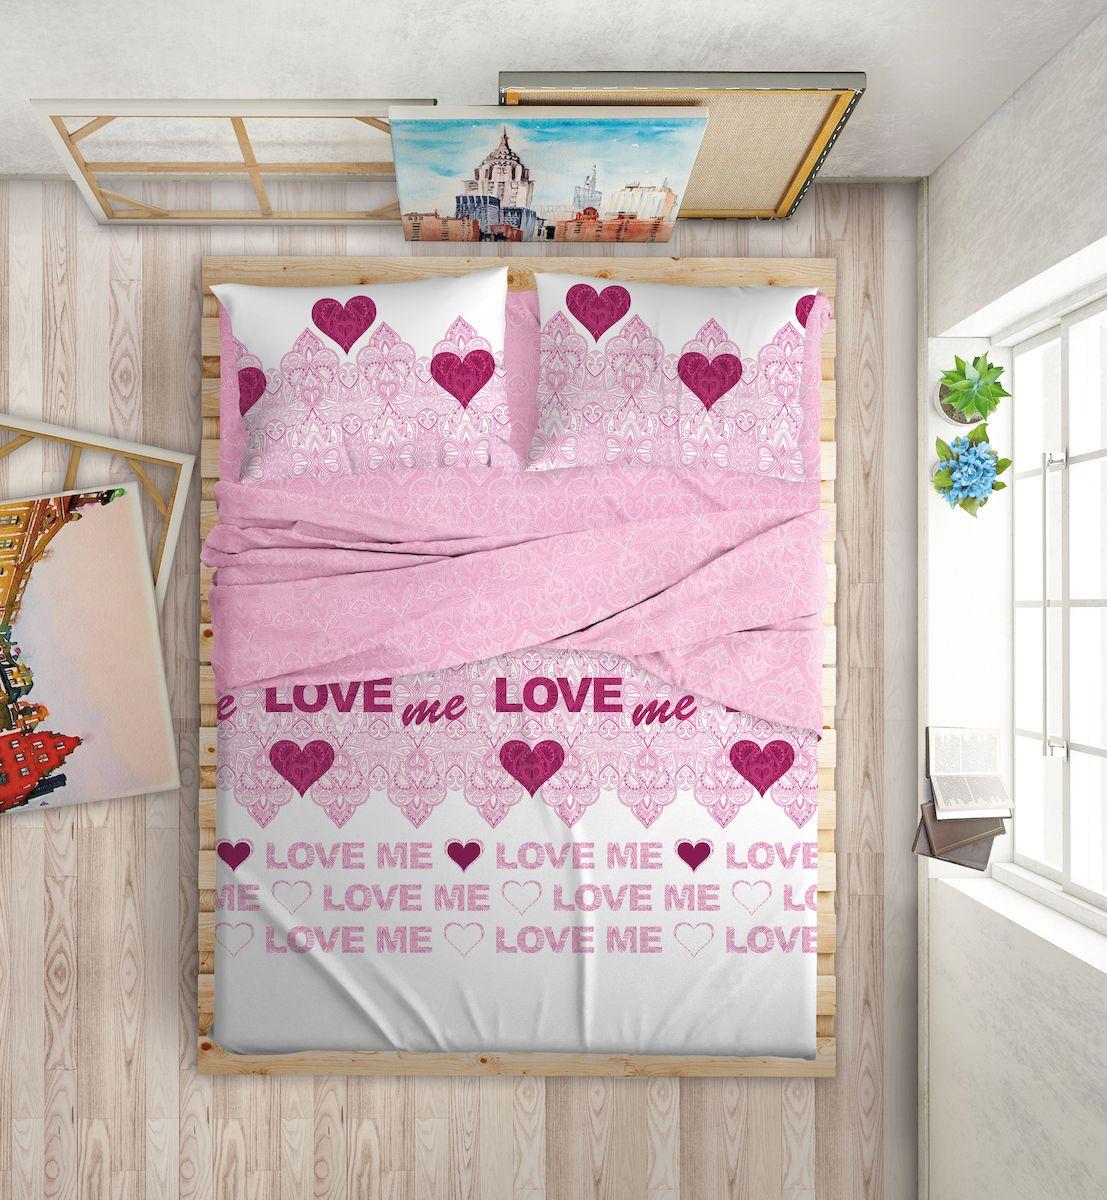 Комплект белья Love Me, 2-спальный, наволочки 50х70, 70х70, цвет: белый, розовый391602Международный бренд для молодых, современных, стильных. Love Me - бренд качественного постельного белья, для молодых людей, создающий ощущение комфорта, защищенности и уюта. При этом - модный, современный, стильный.